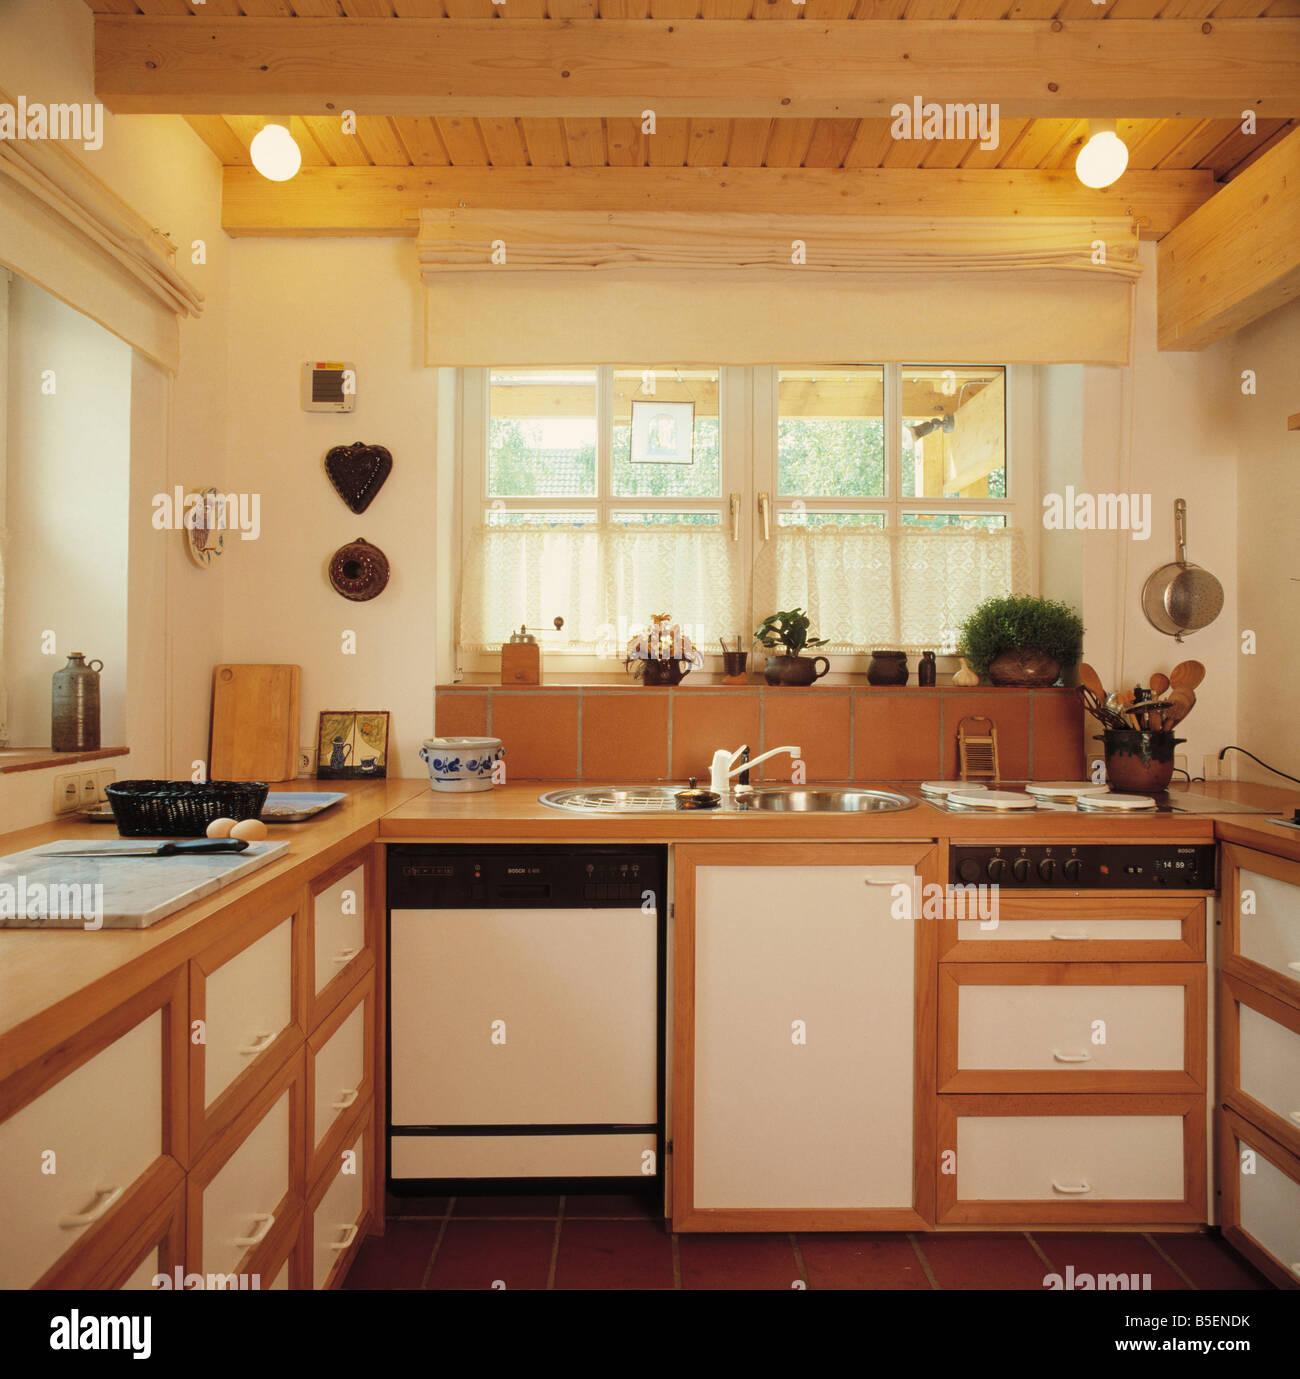 Mobile Cucina Con Lavello E Lavastoviglie.Illuminazione Sul Soffitto In Legno Nella Piccola Cucina Con Lavello